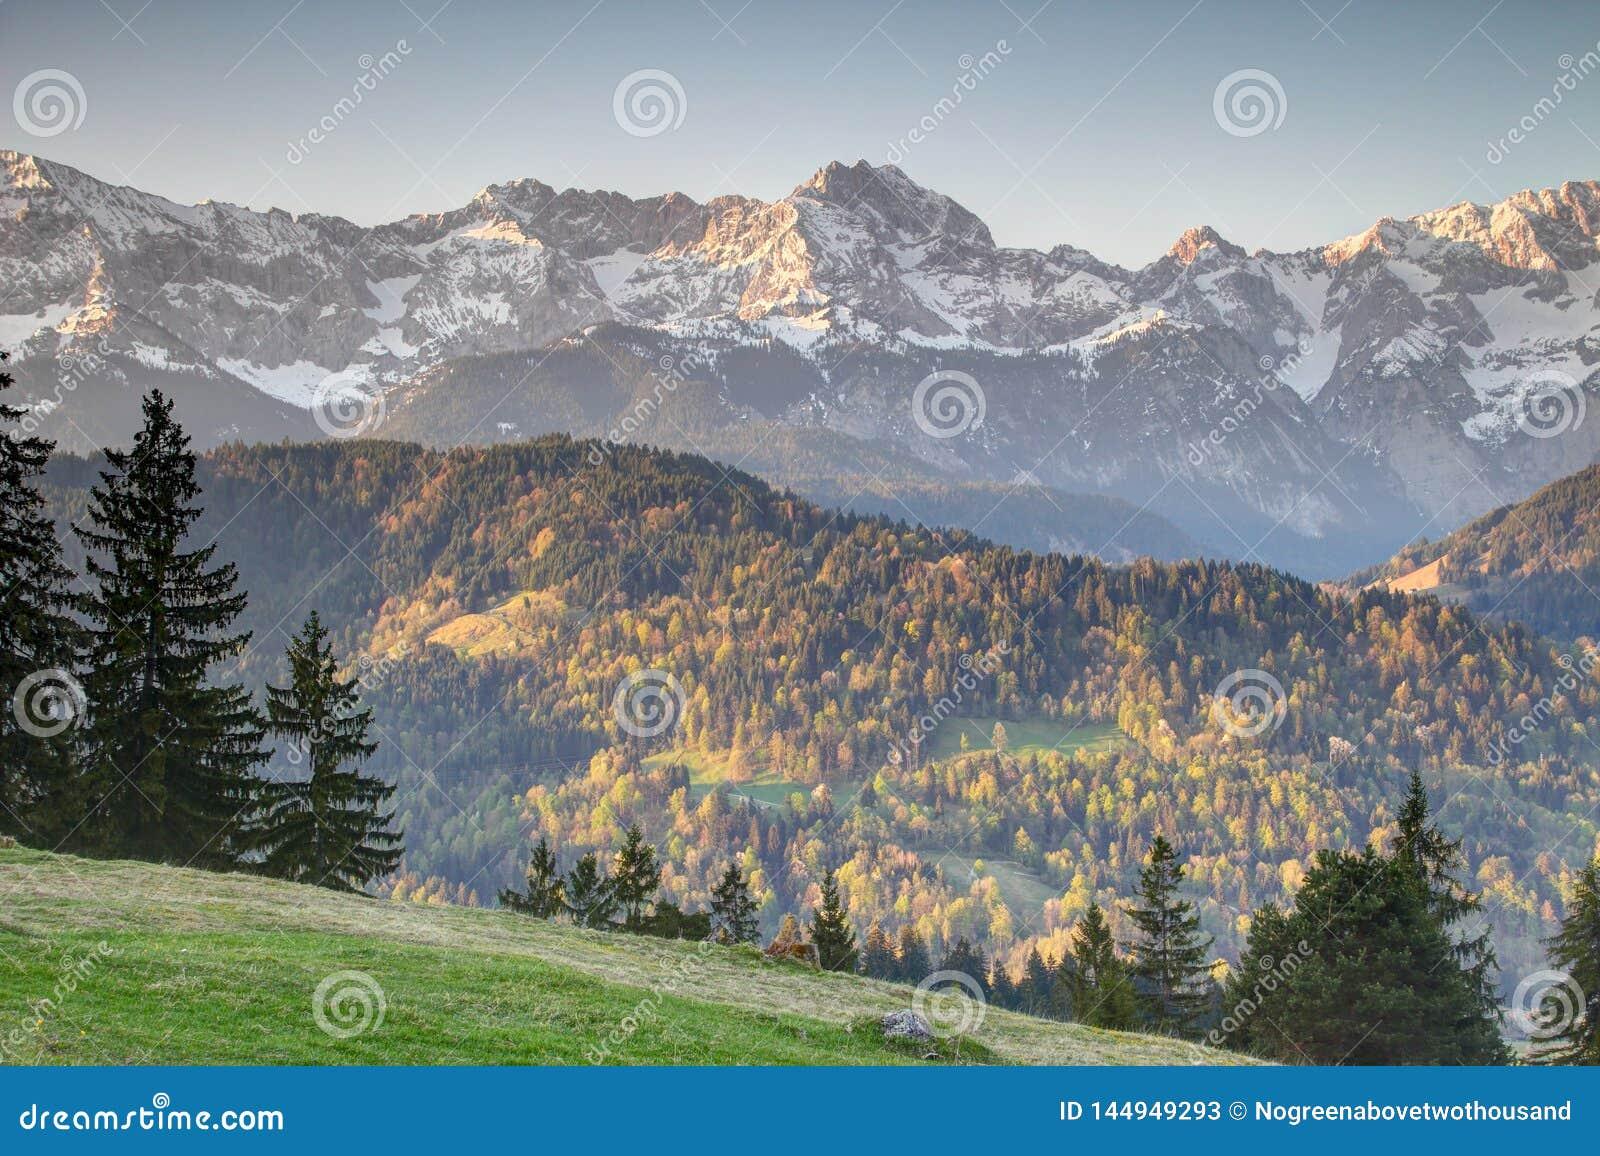 Lasy, łąki i śnieżne granie w Bawarskich Alps Niemcy,